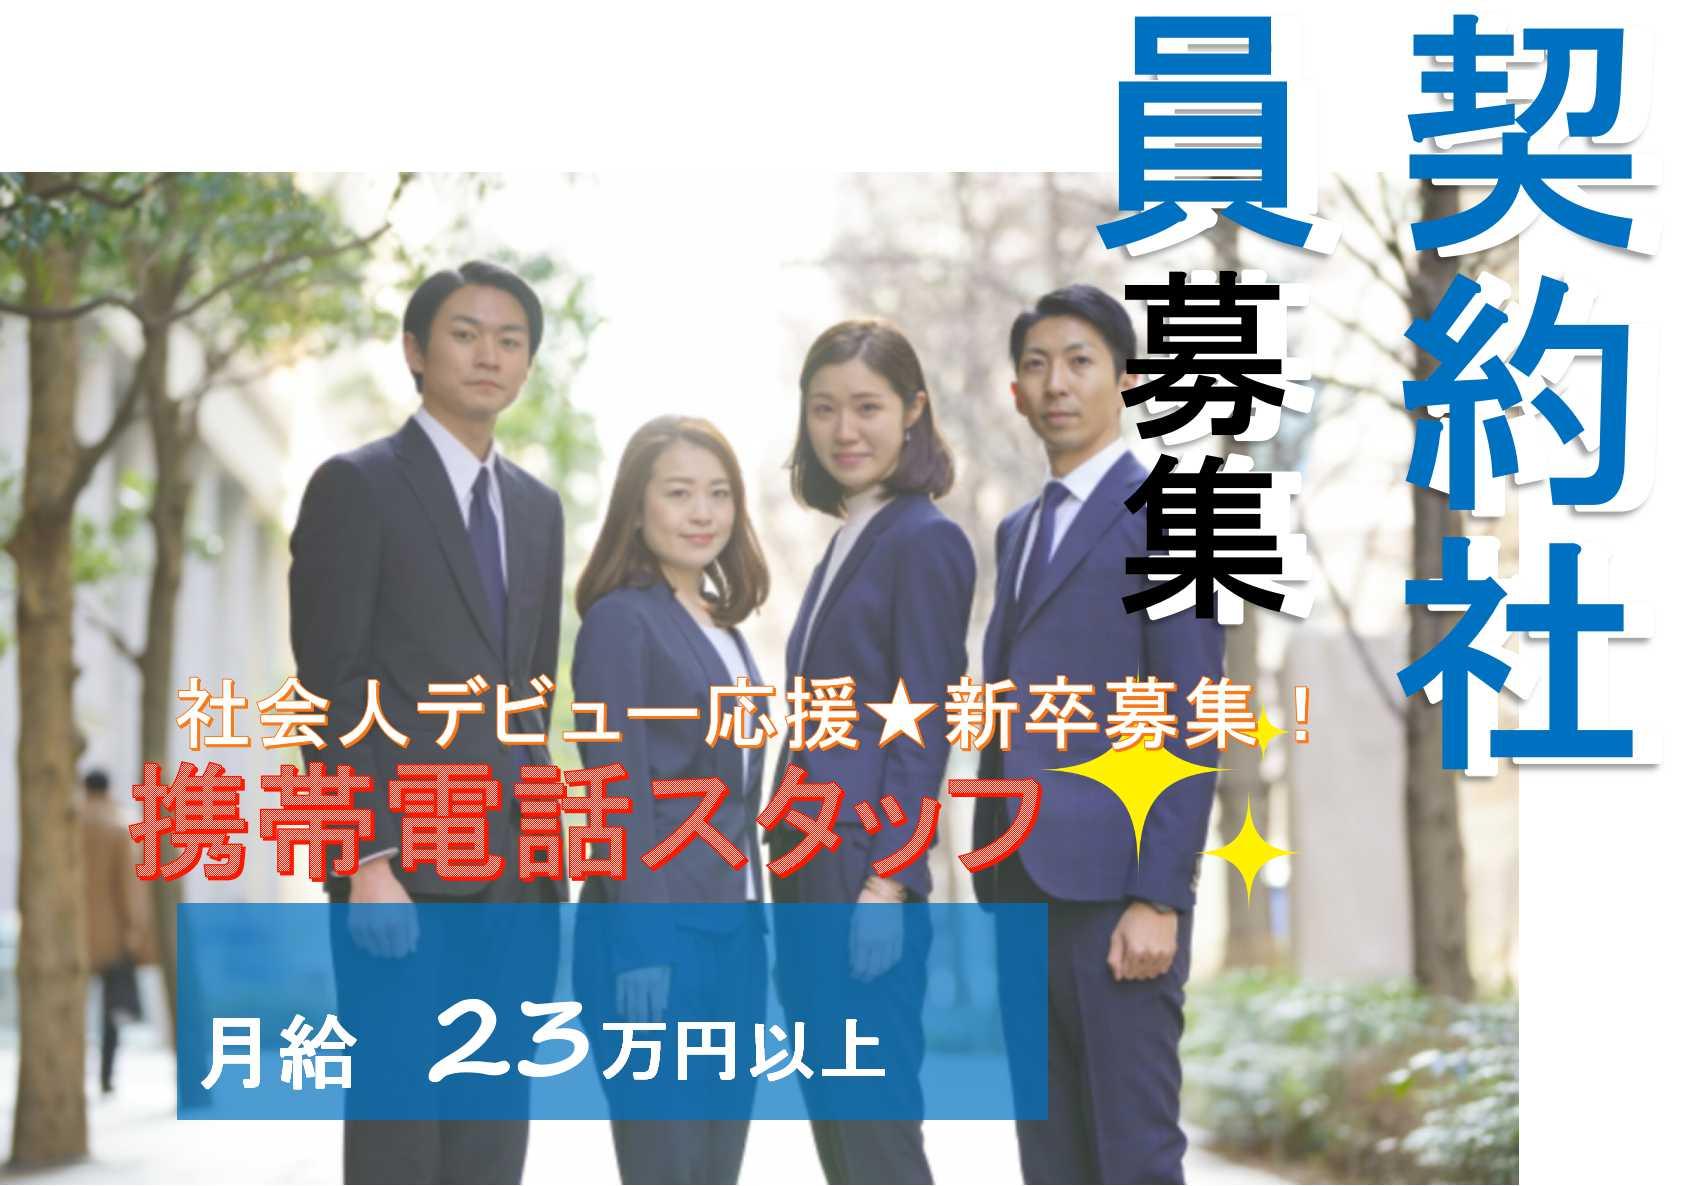 【名古屋市中区】新卒募集★人見知りでも大丈夫♪人物重視の採用です!携帯電話スタッフ【即面談可能】 イメージ